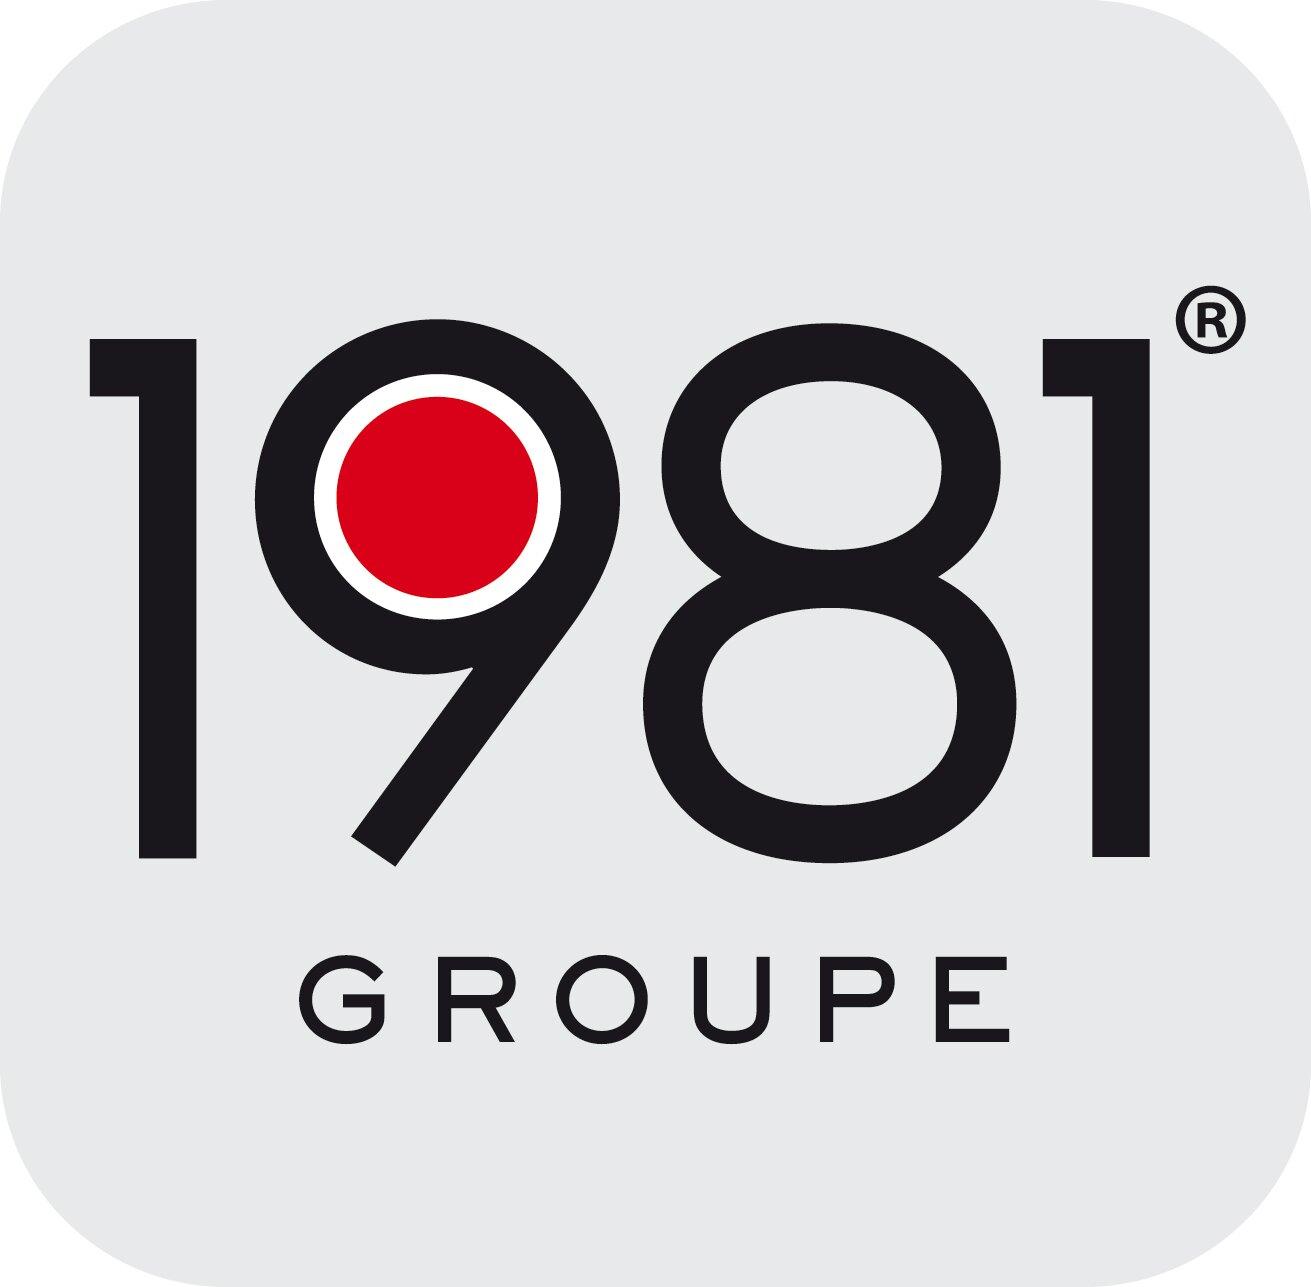 Une rentrée positive et féminine pour le Groupe 1981